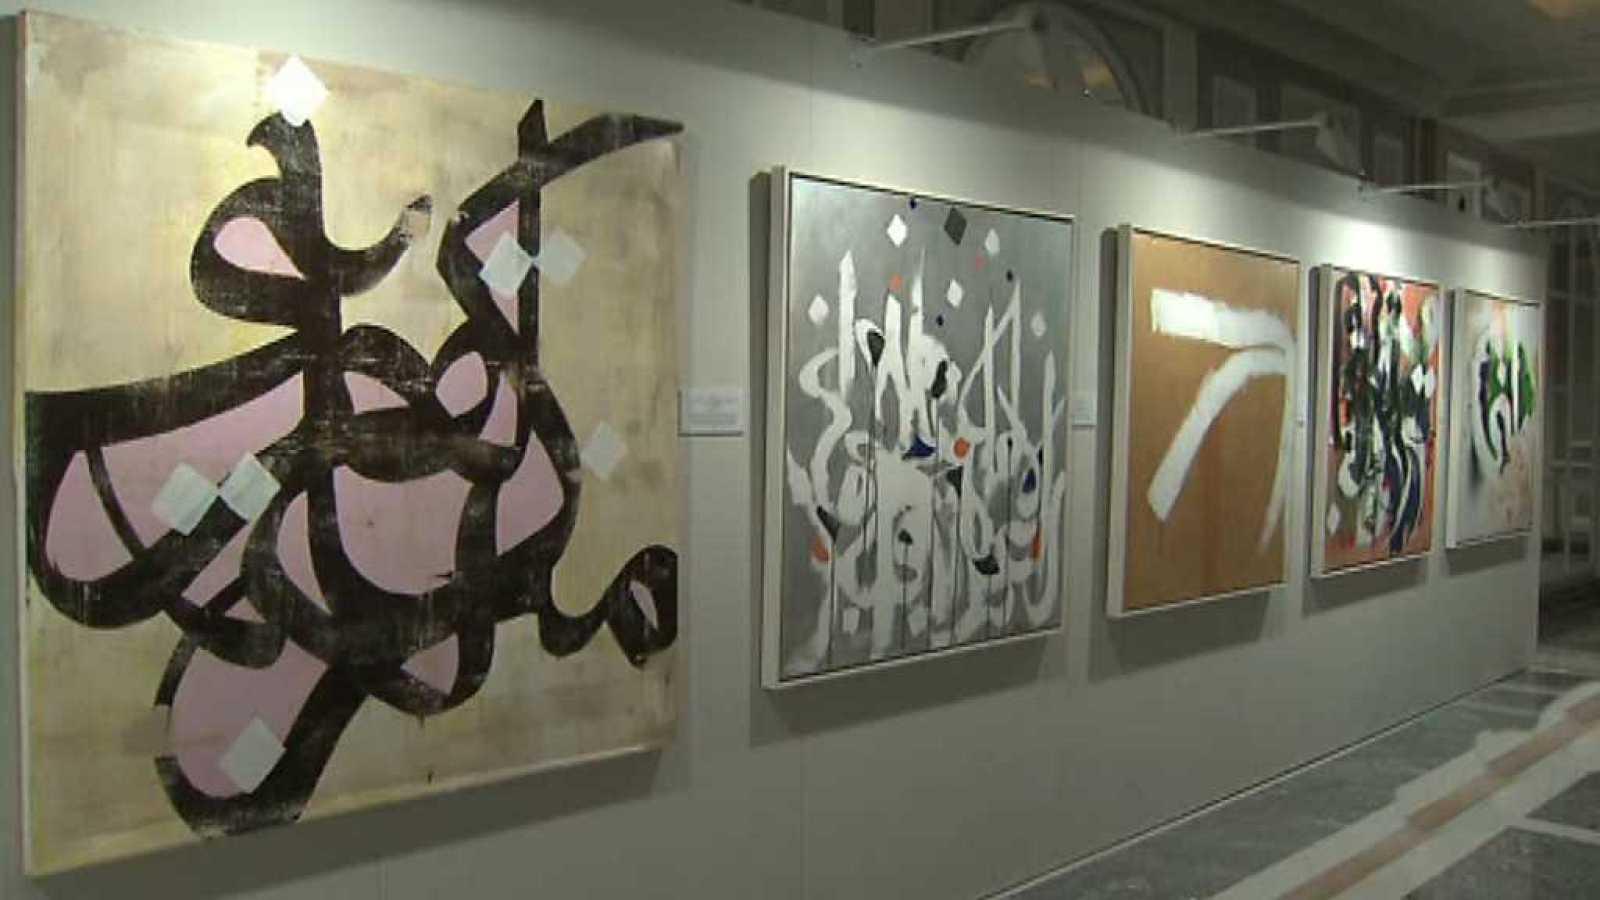 Medina en TVE - Arte islámico y derechos humanos - RTVE.es